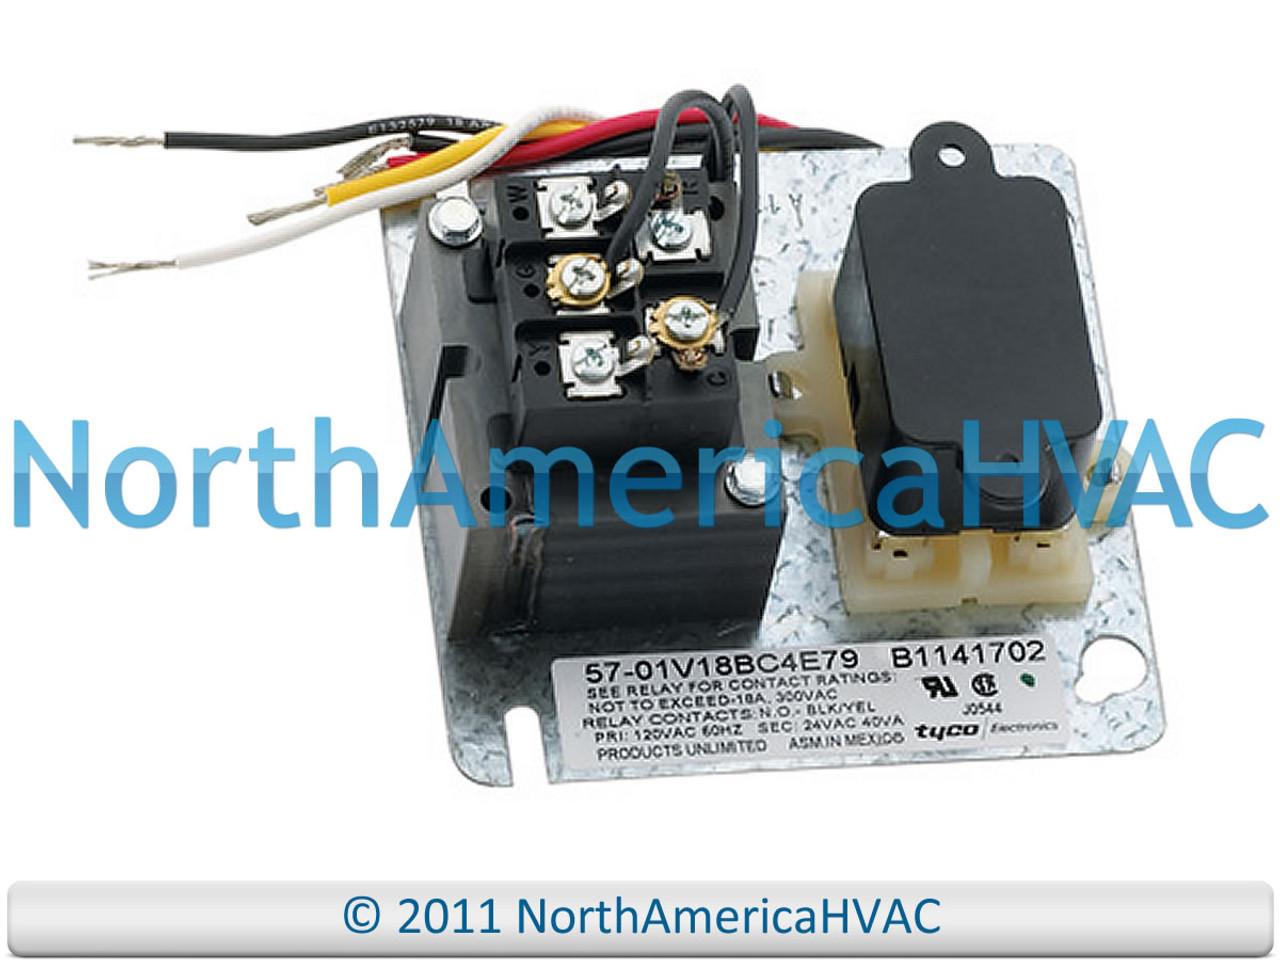 furnace fan relay wiring tyco janitrol goodman amana furnace fan center relay 120 24 volt  tyco janitrol goodman amana furnace fan